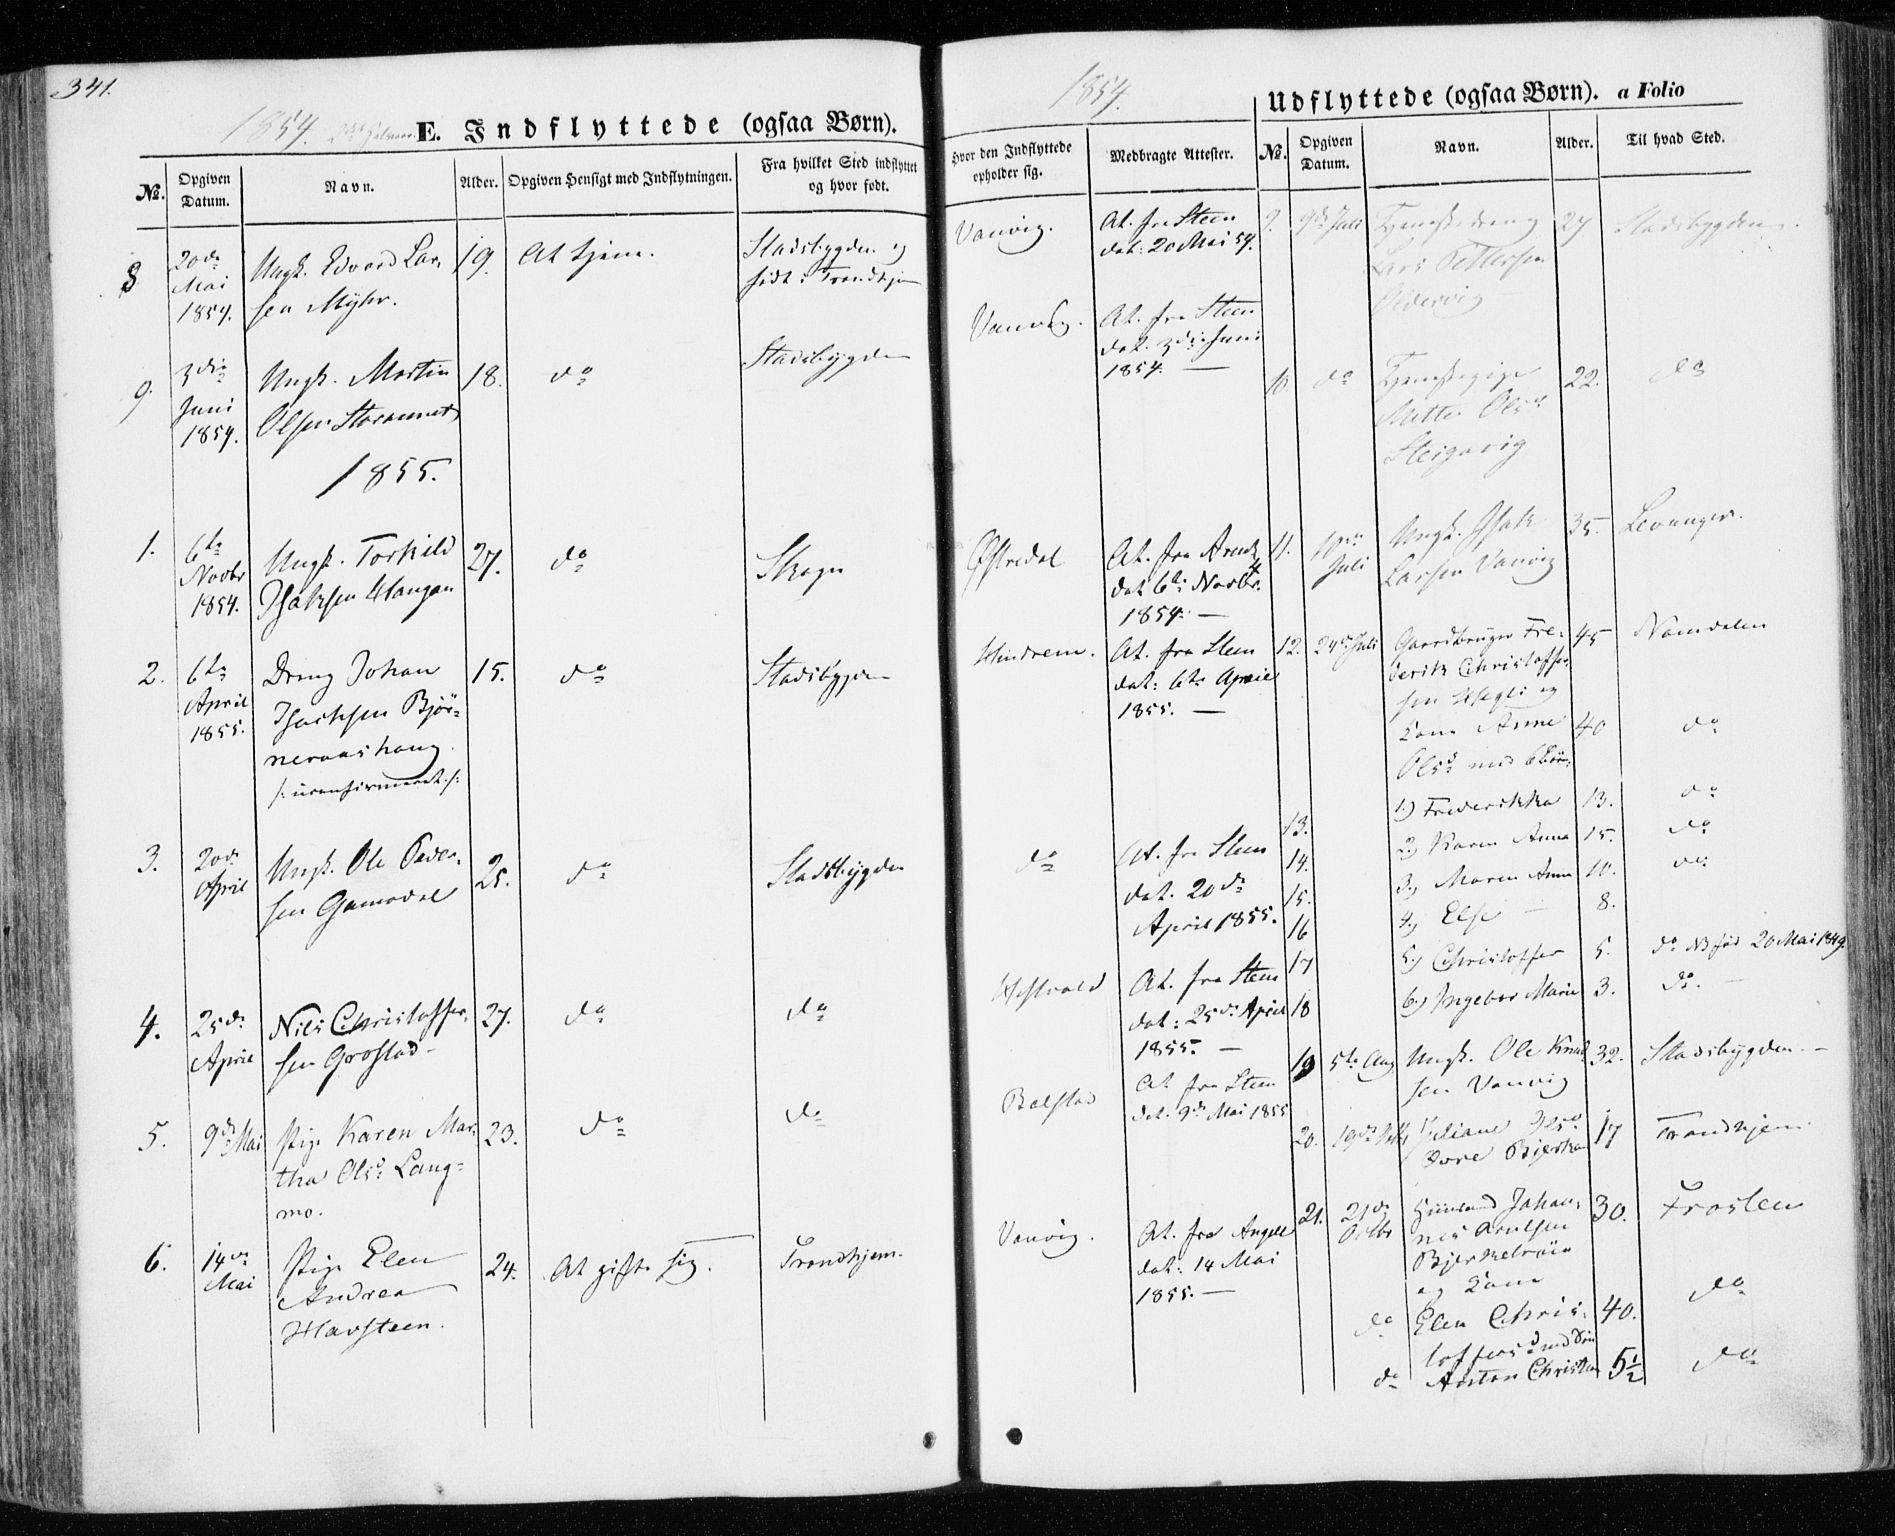 SAT, Ministerialprotokoller, klokkerbøker og fødselsregistre - Nord-Trøndelag, 701/L0008: Ministerialbok nr. 701A08 /1, 1854-1863, s. 341